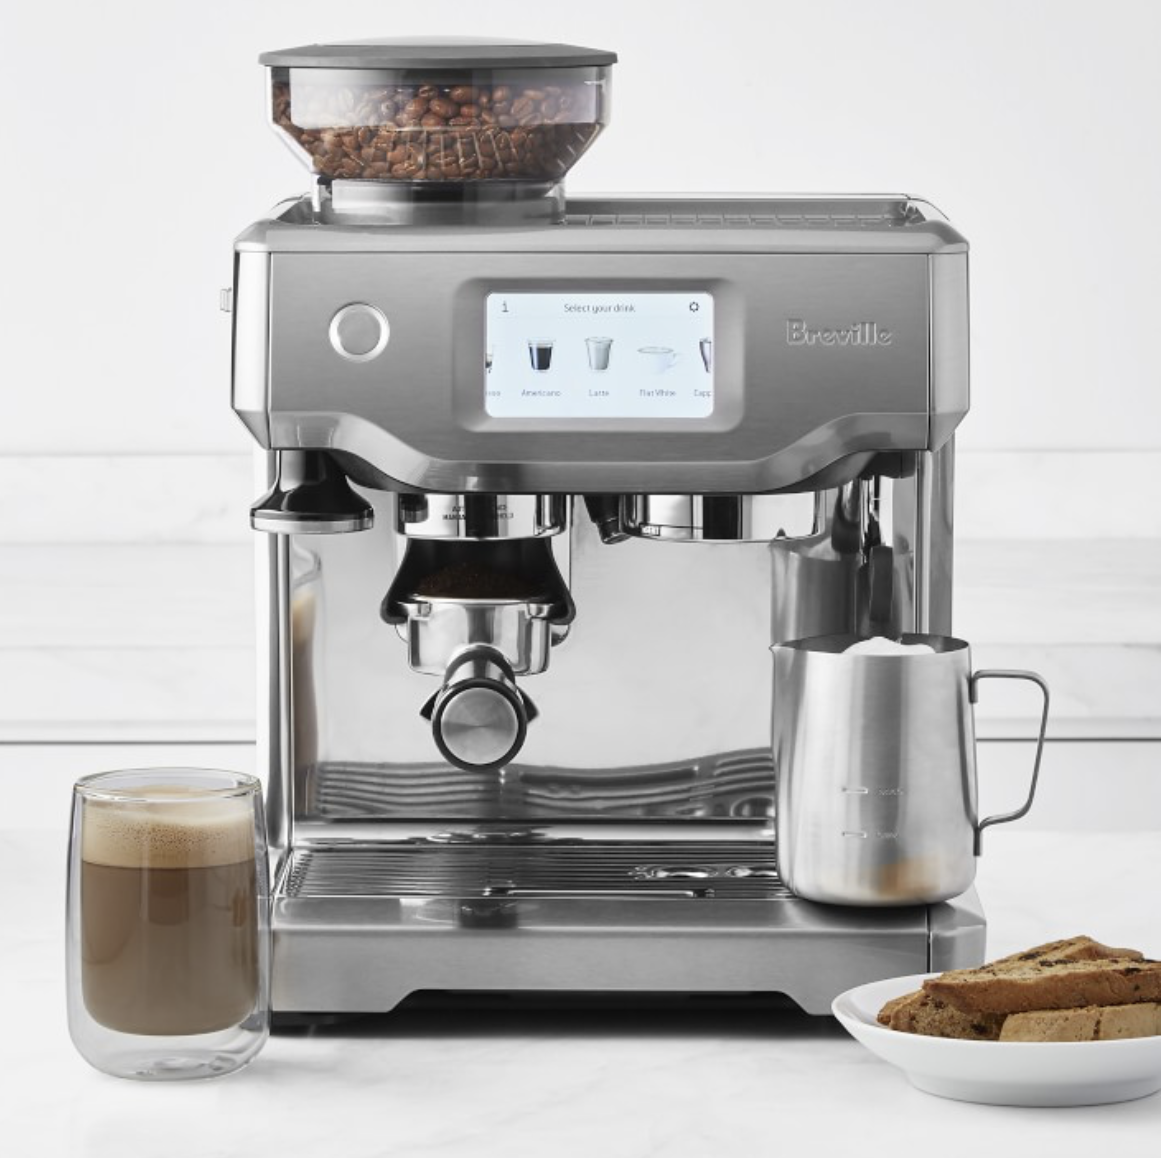 Breville Espresso Maker